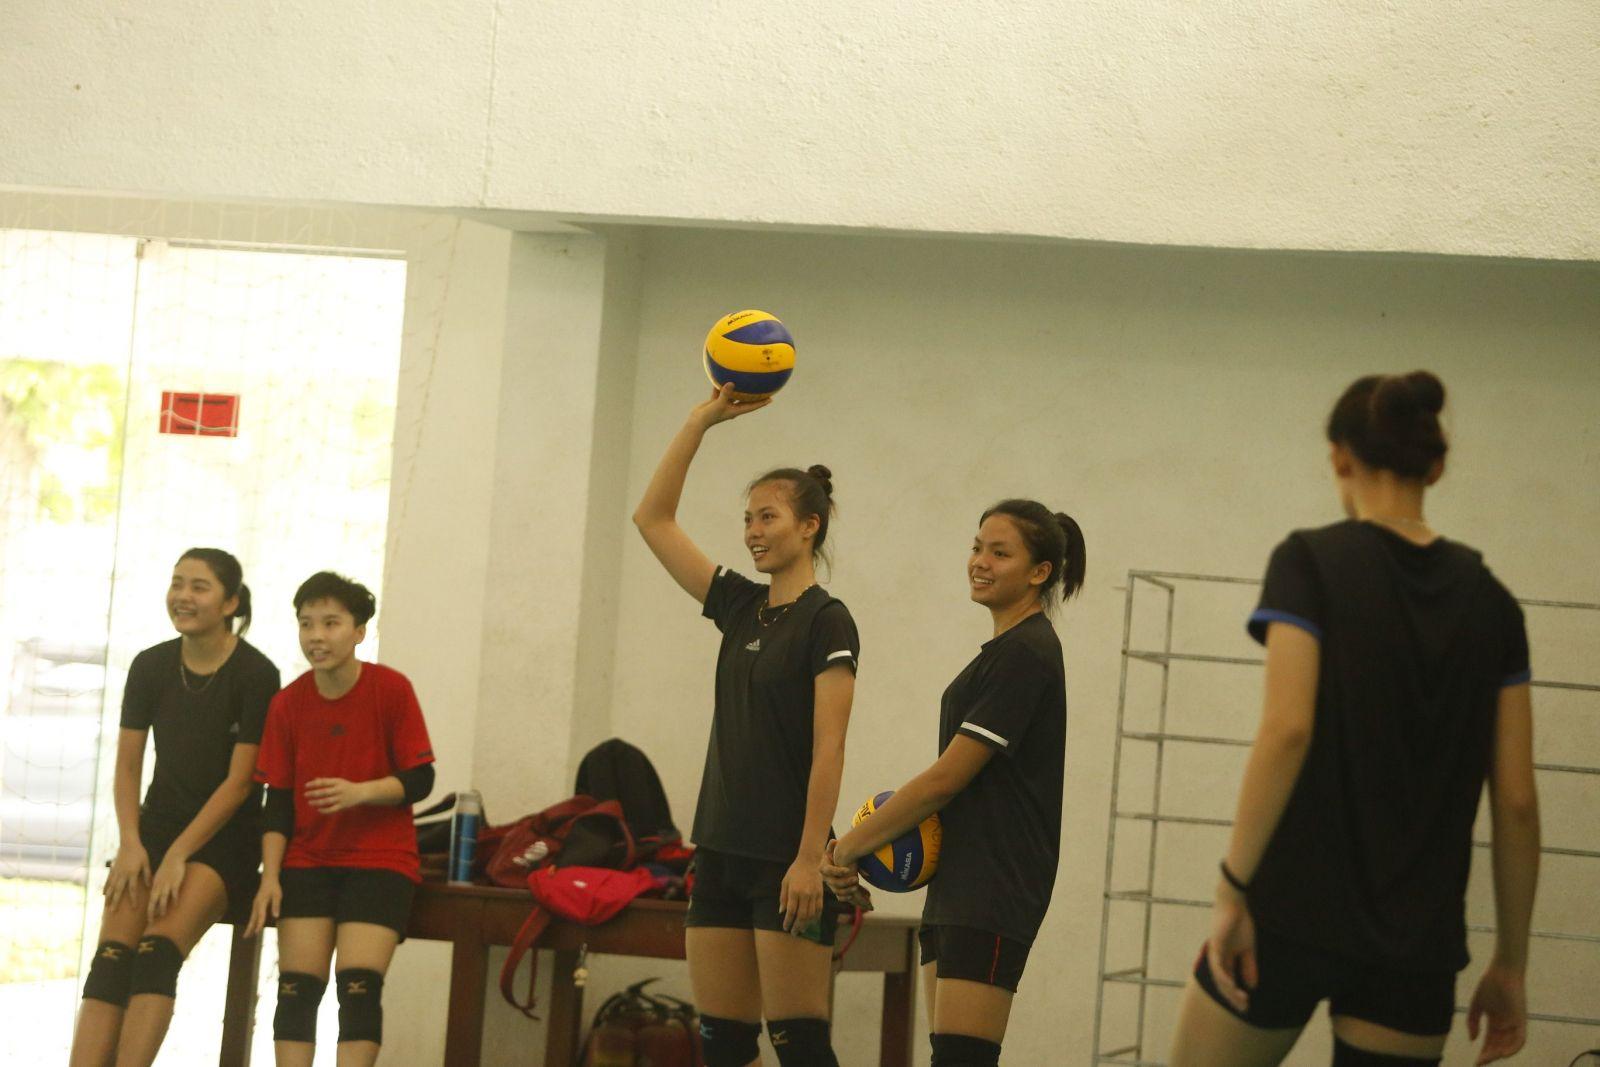 Trước giải Vô địch U19 nữ châu Á 2018: Cơ hội nào cho bóng chuyền Việt Nam